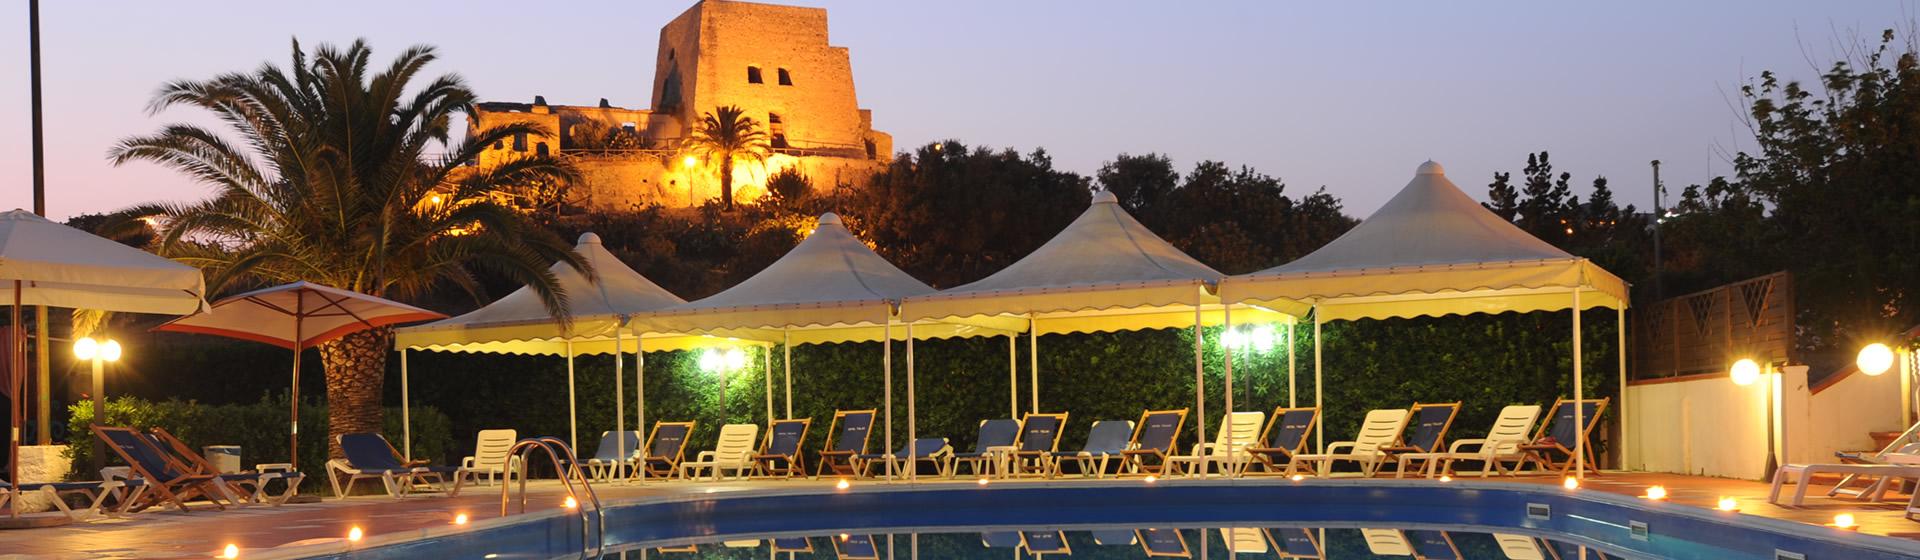 hotel talao scalea albergo 3 stelle pensione completa piscina